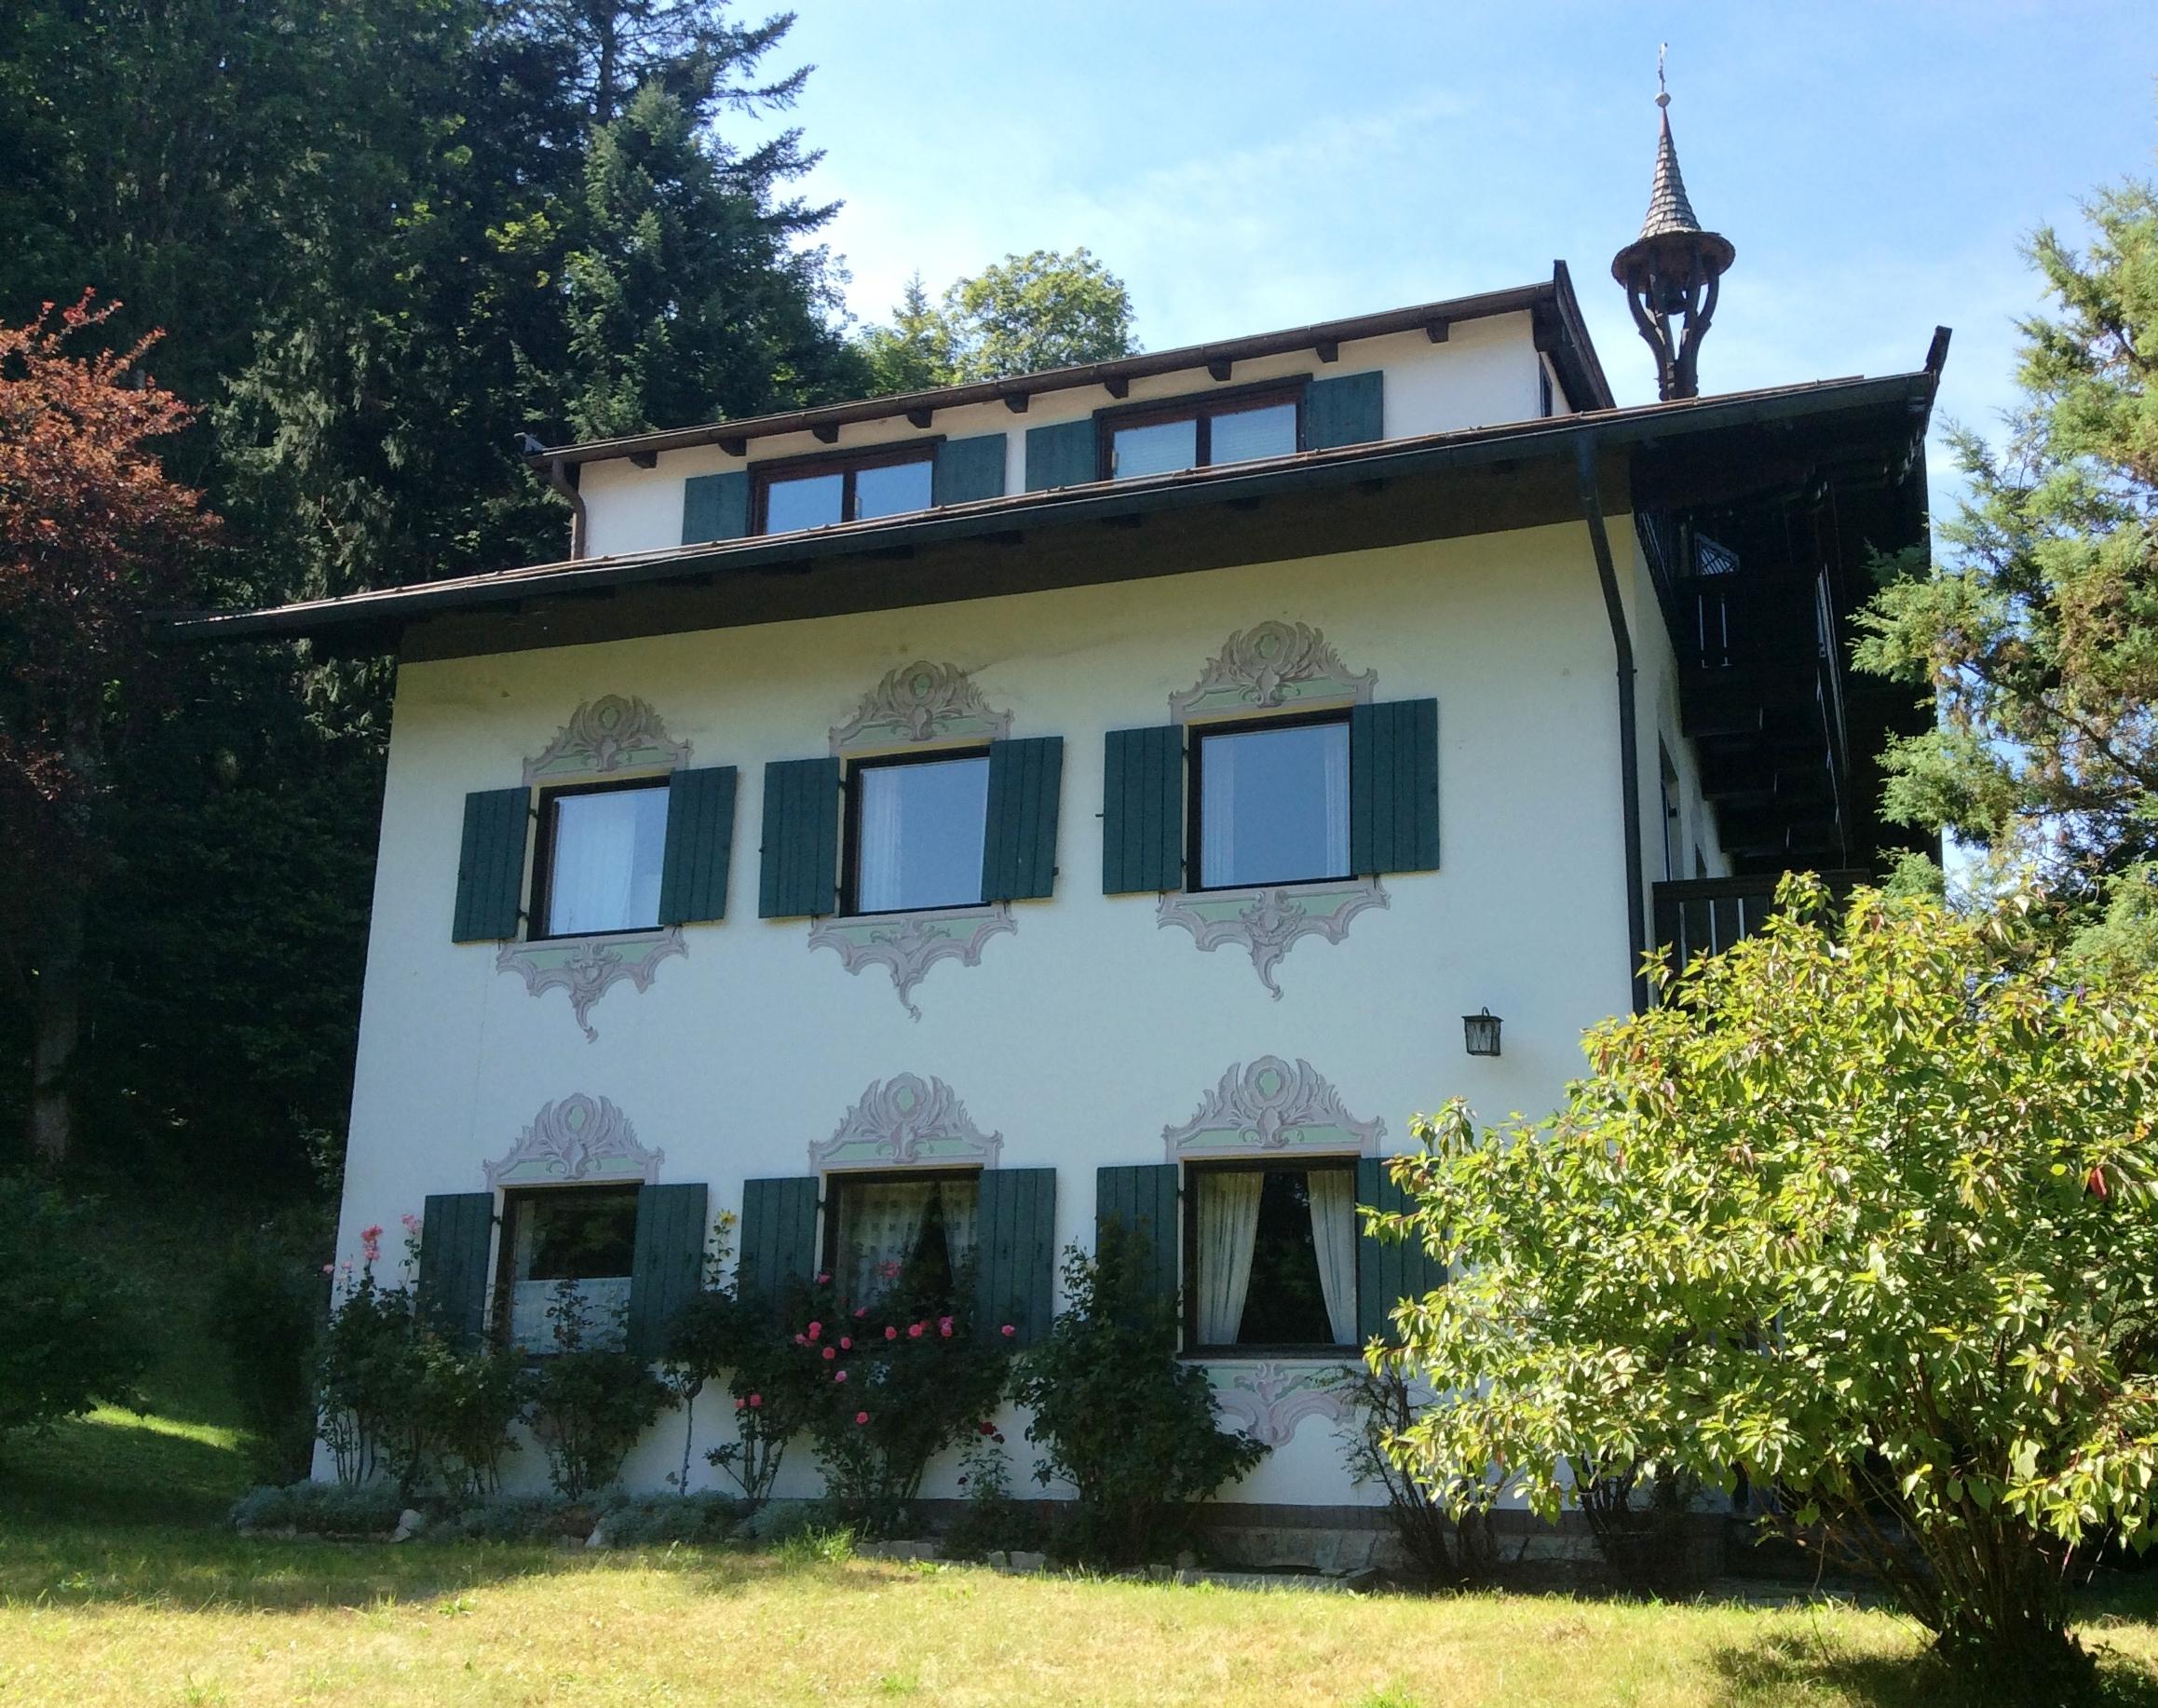 Nordansicht der Landhausvilla in Kitzbühel